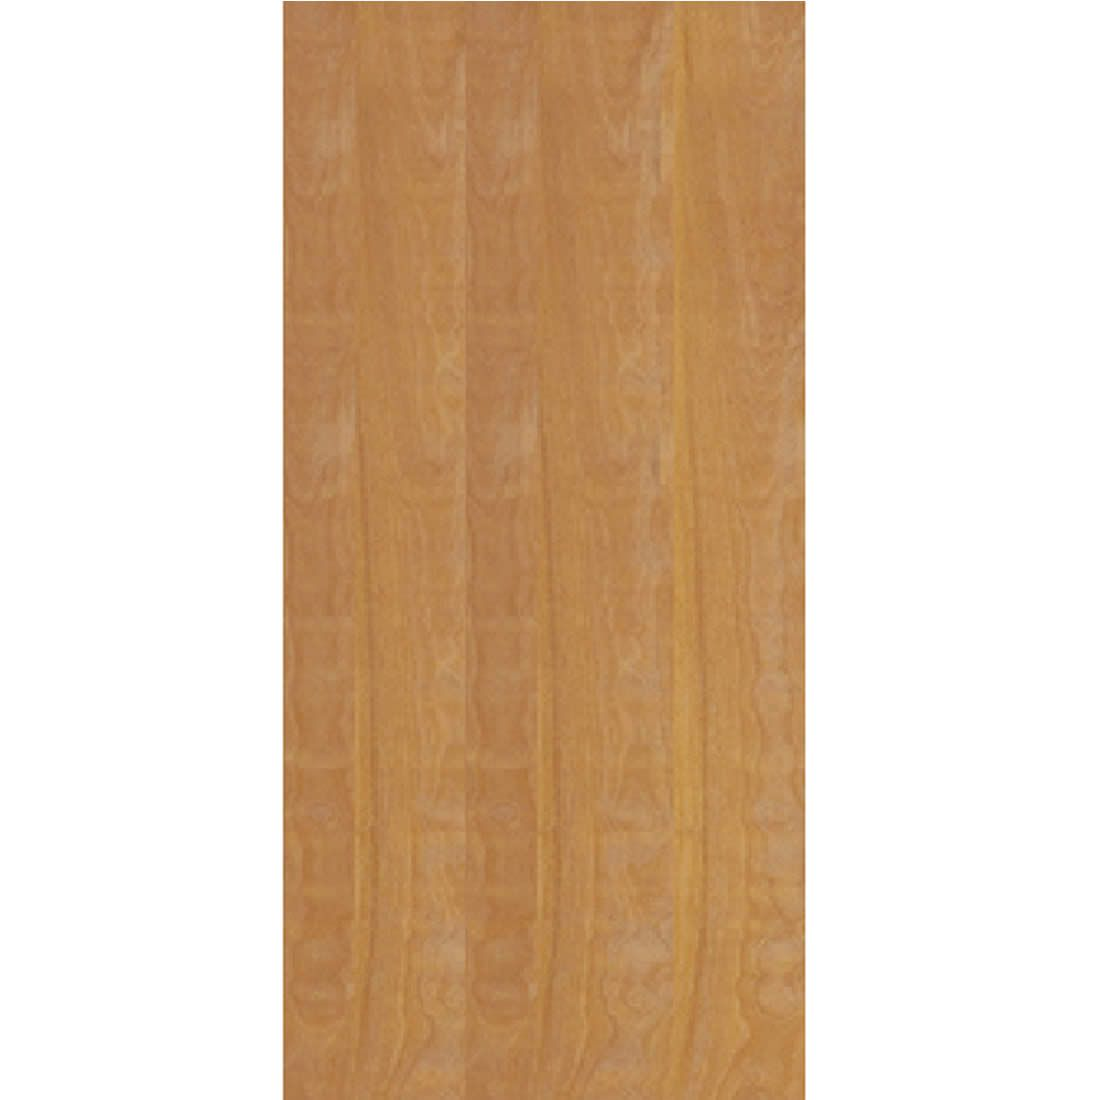 Porta 2,10 x 0,90m em Madeira Curupixa Semi Sólida Modelo Lisa Sem Frisa JB Paes